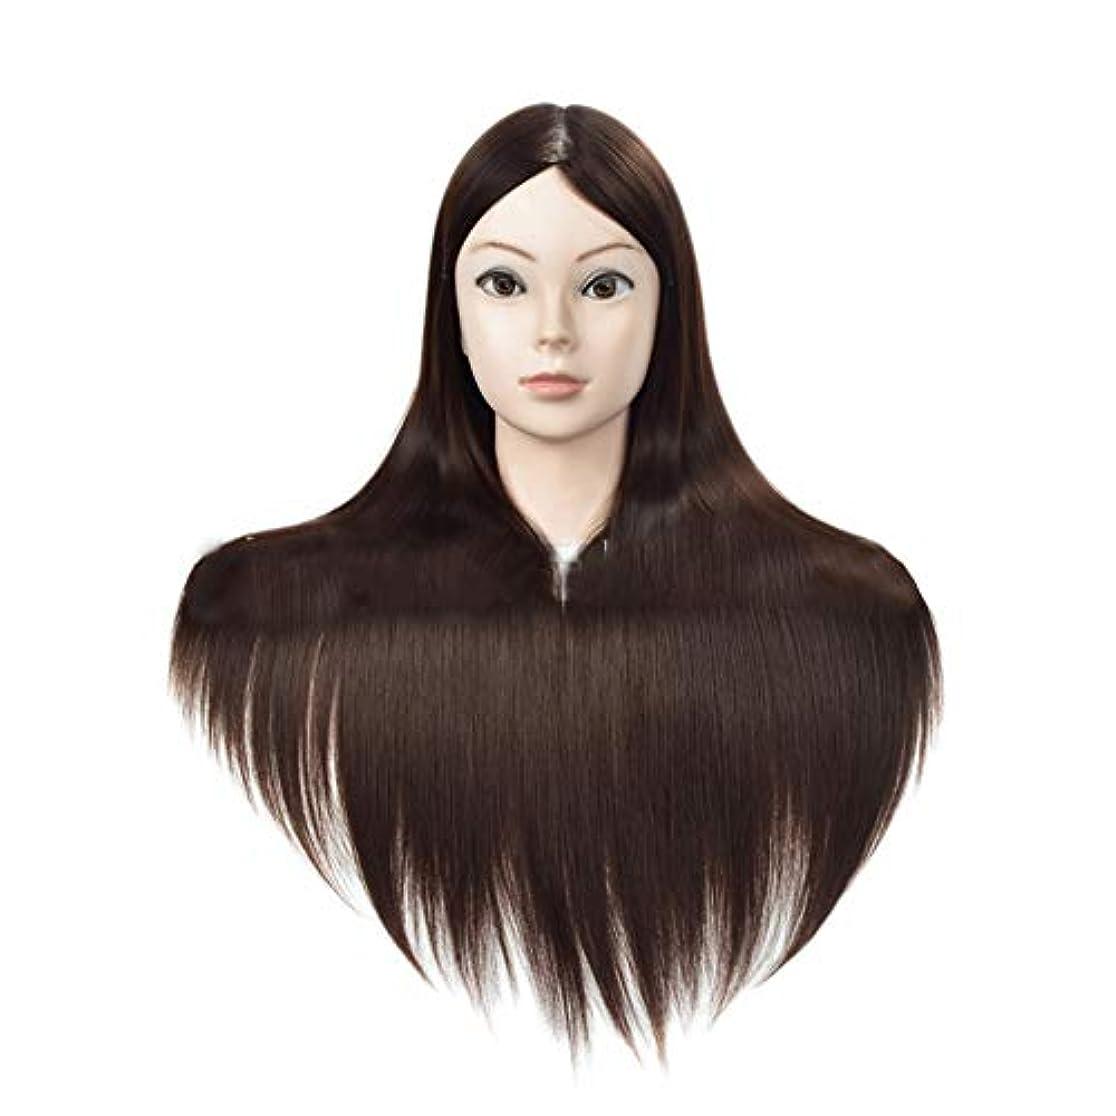 効率賞欲しいです髪編組ヘアスタイリング練習ヘッド高温線毛ウィッグヘッド金型メイク学習訓練ダミーヘッド